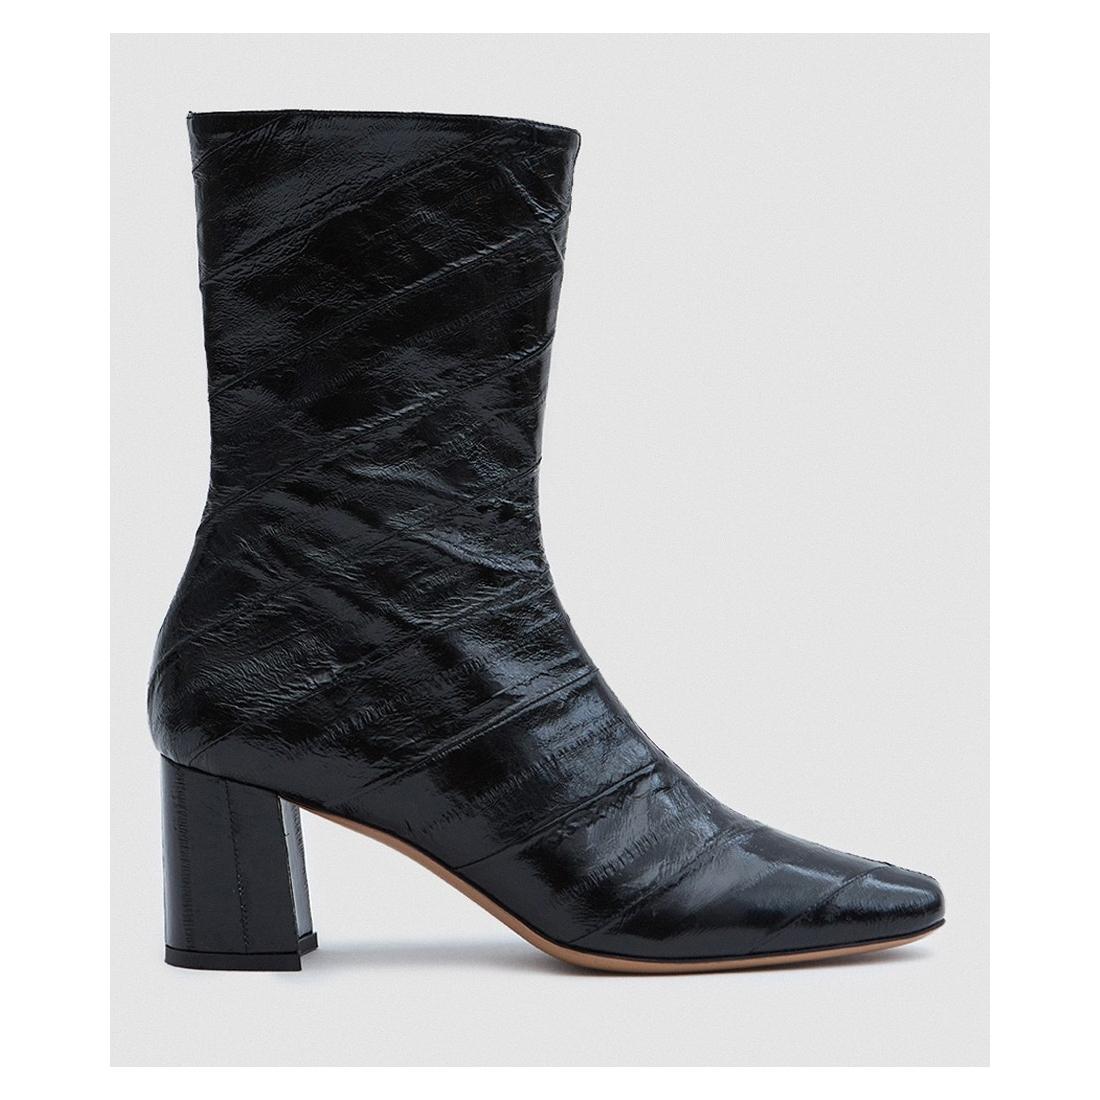 TRADEMARK Mira Eel Skin Boot in Black